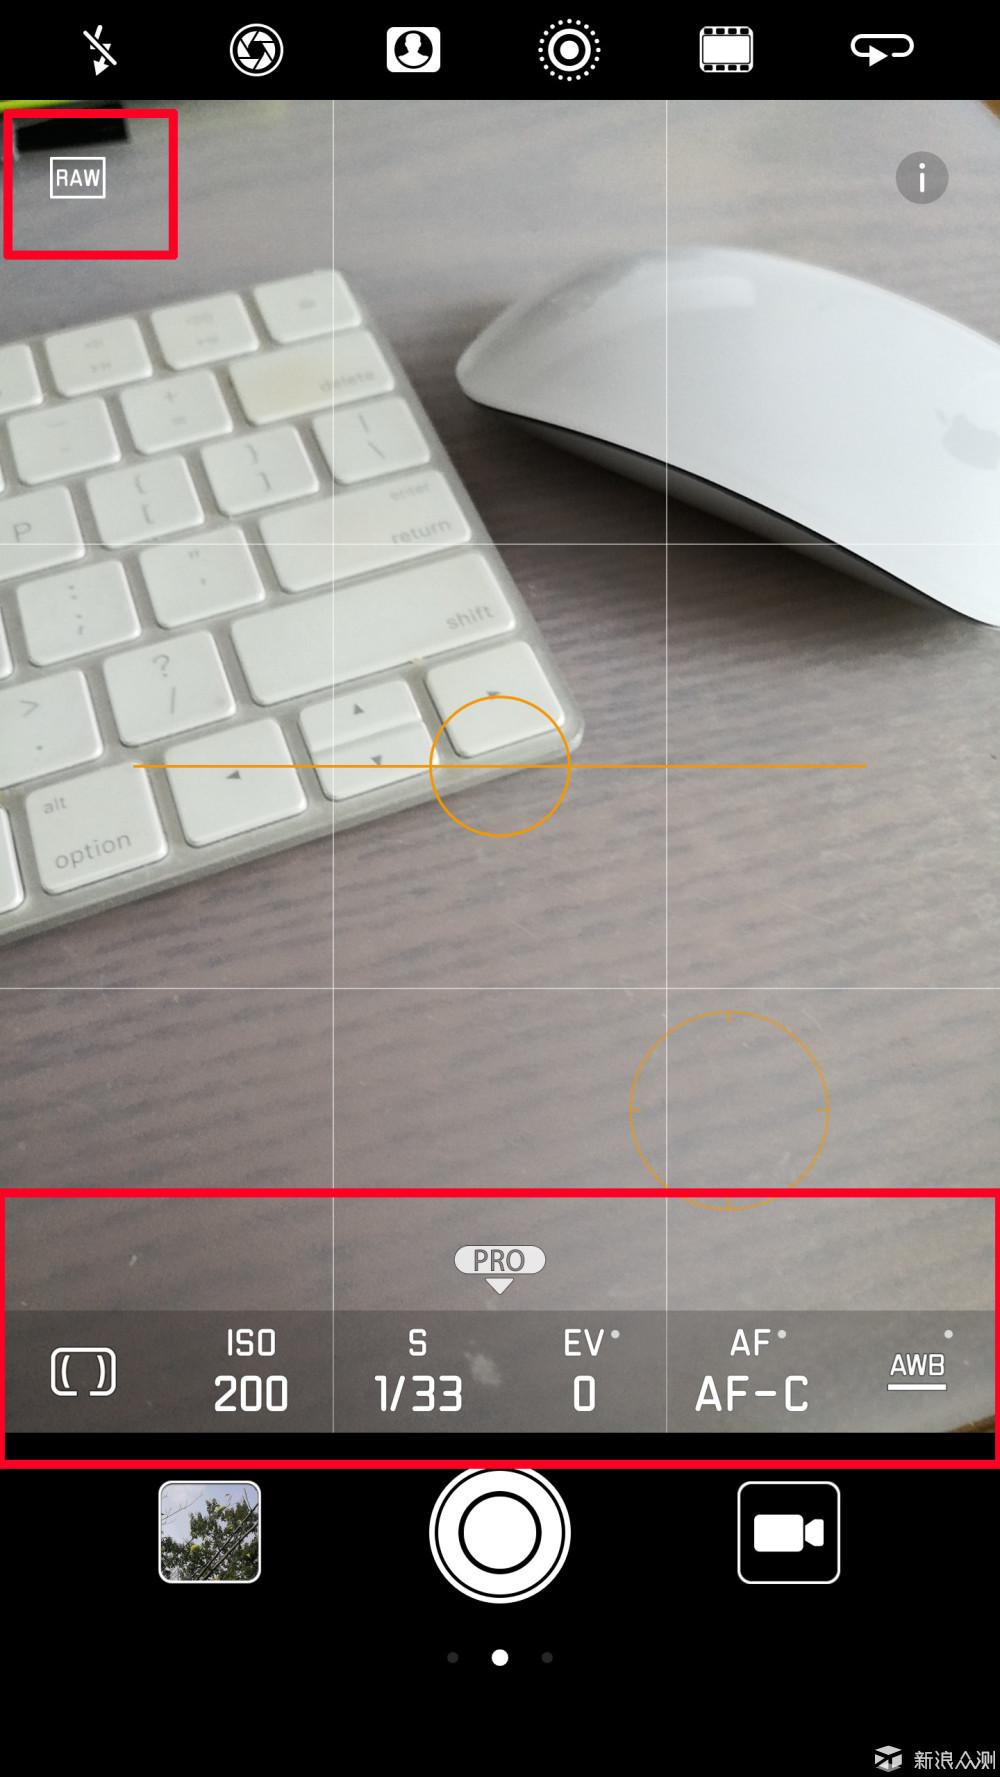 摄影爱好者的理想手机——华为mate10_新浪众测